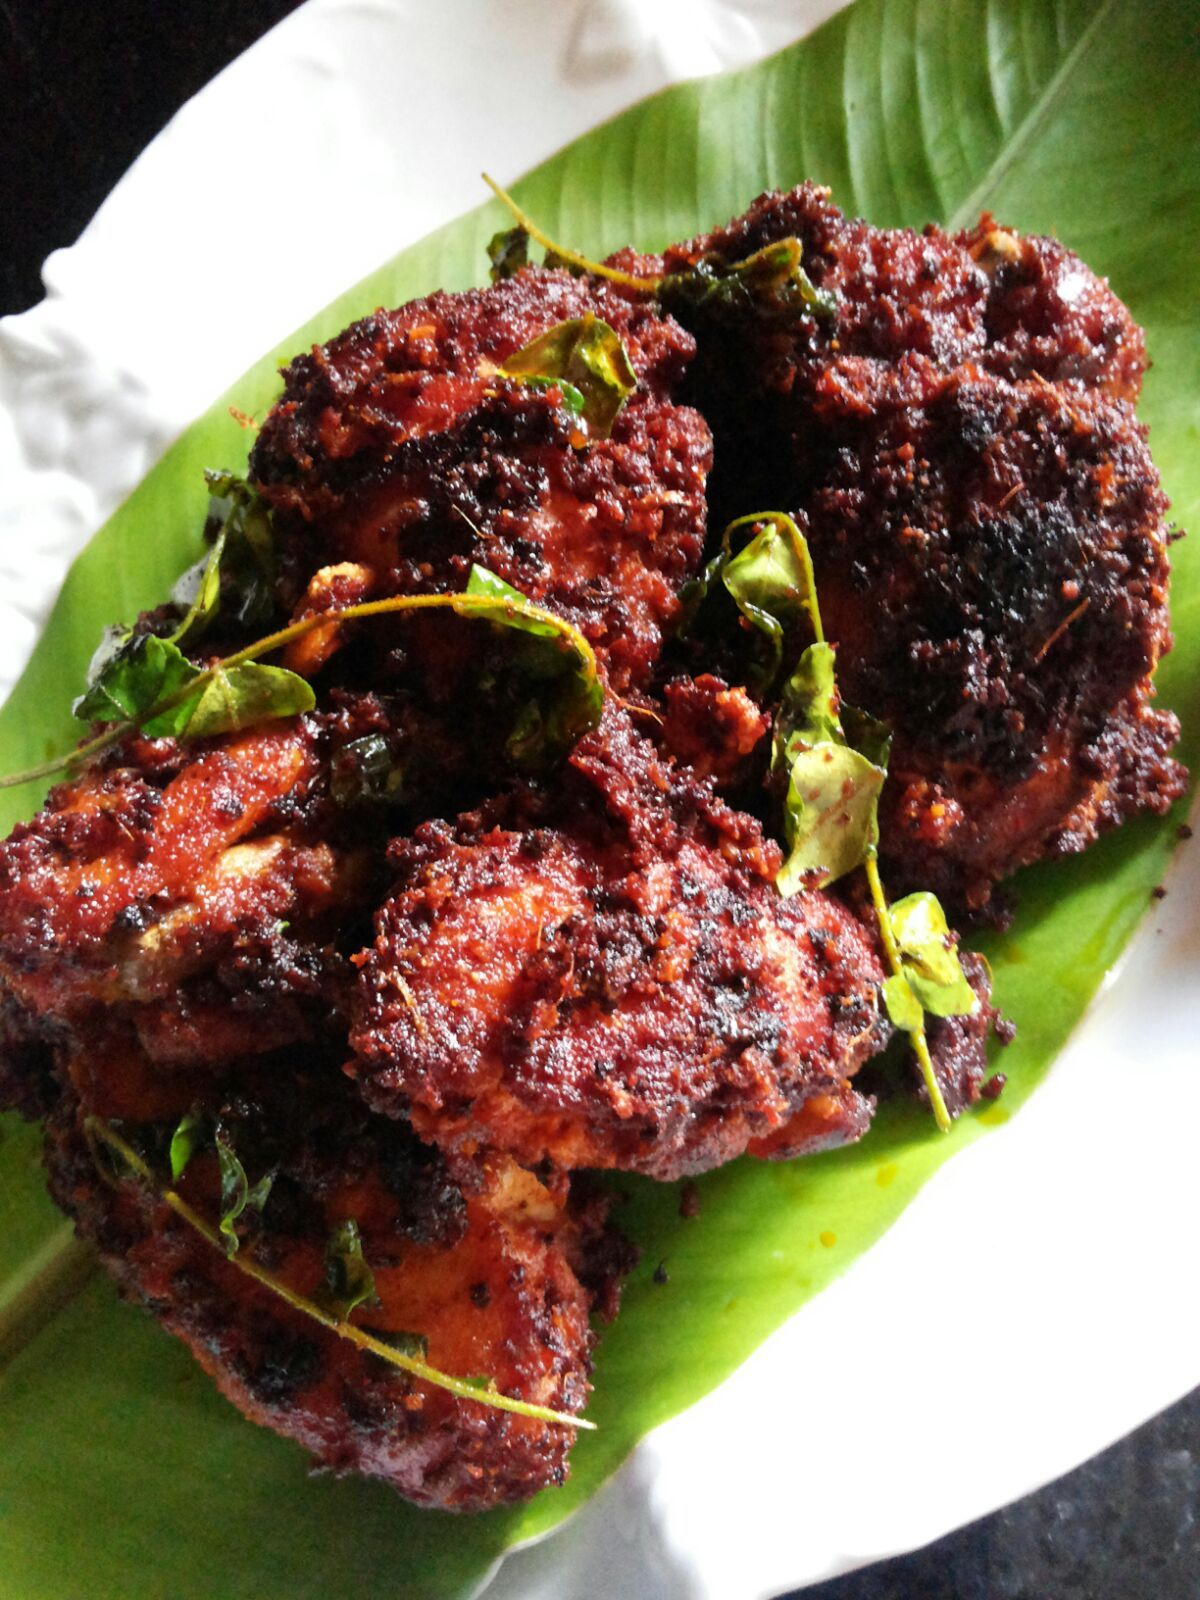 Kerala Chicken Fry Kerala Chicken Recipes Indian Chicken Recipes Fried Chicken Recipes